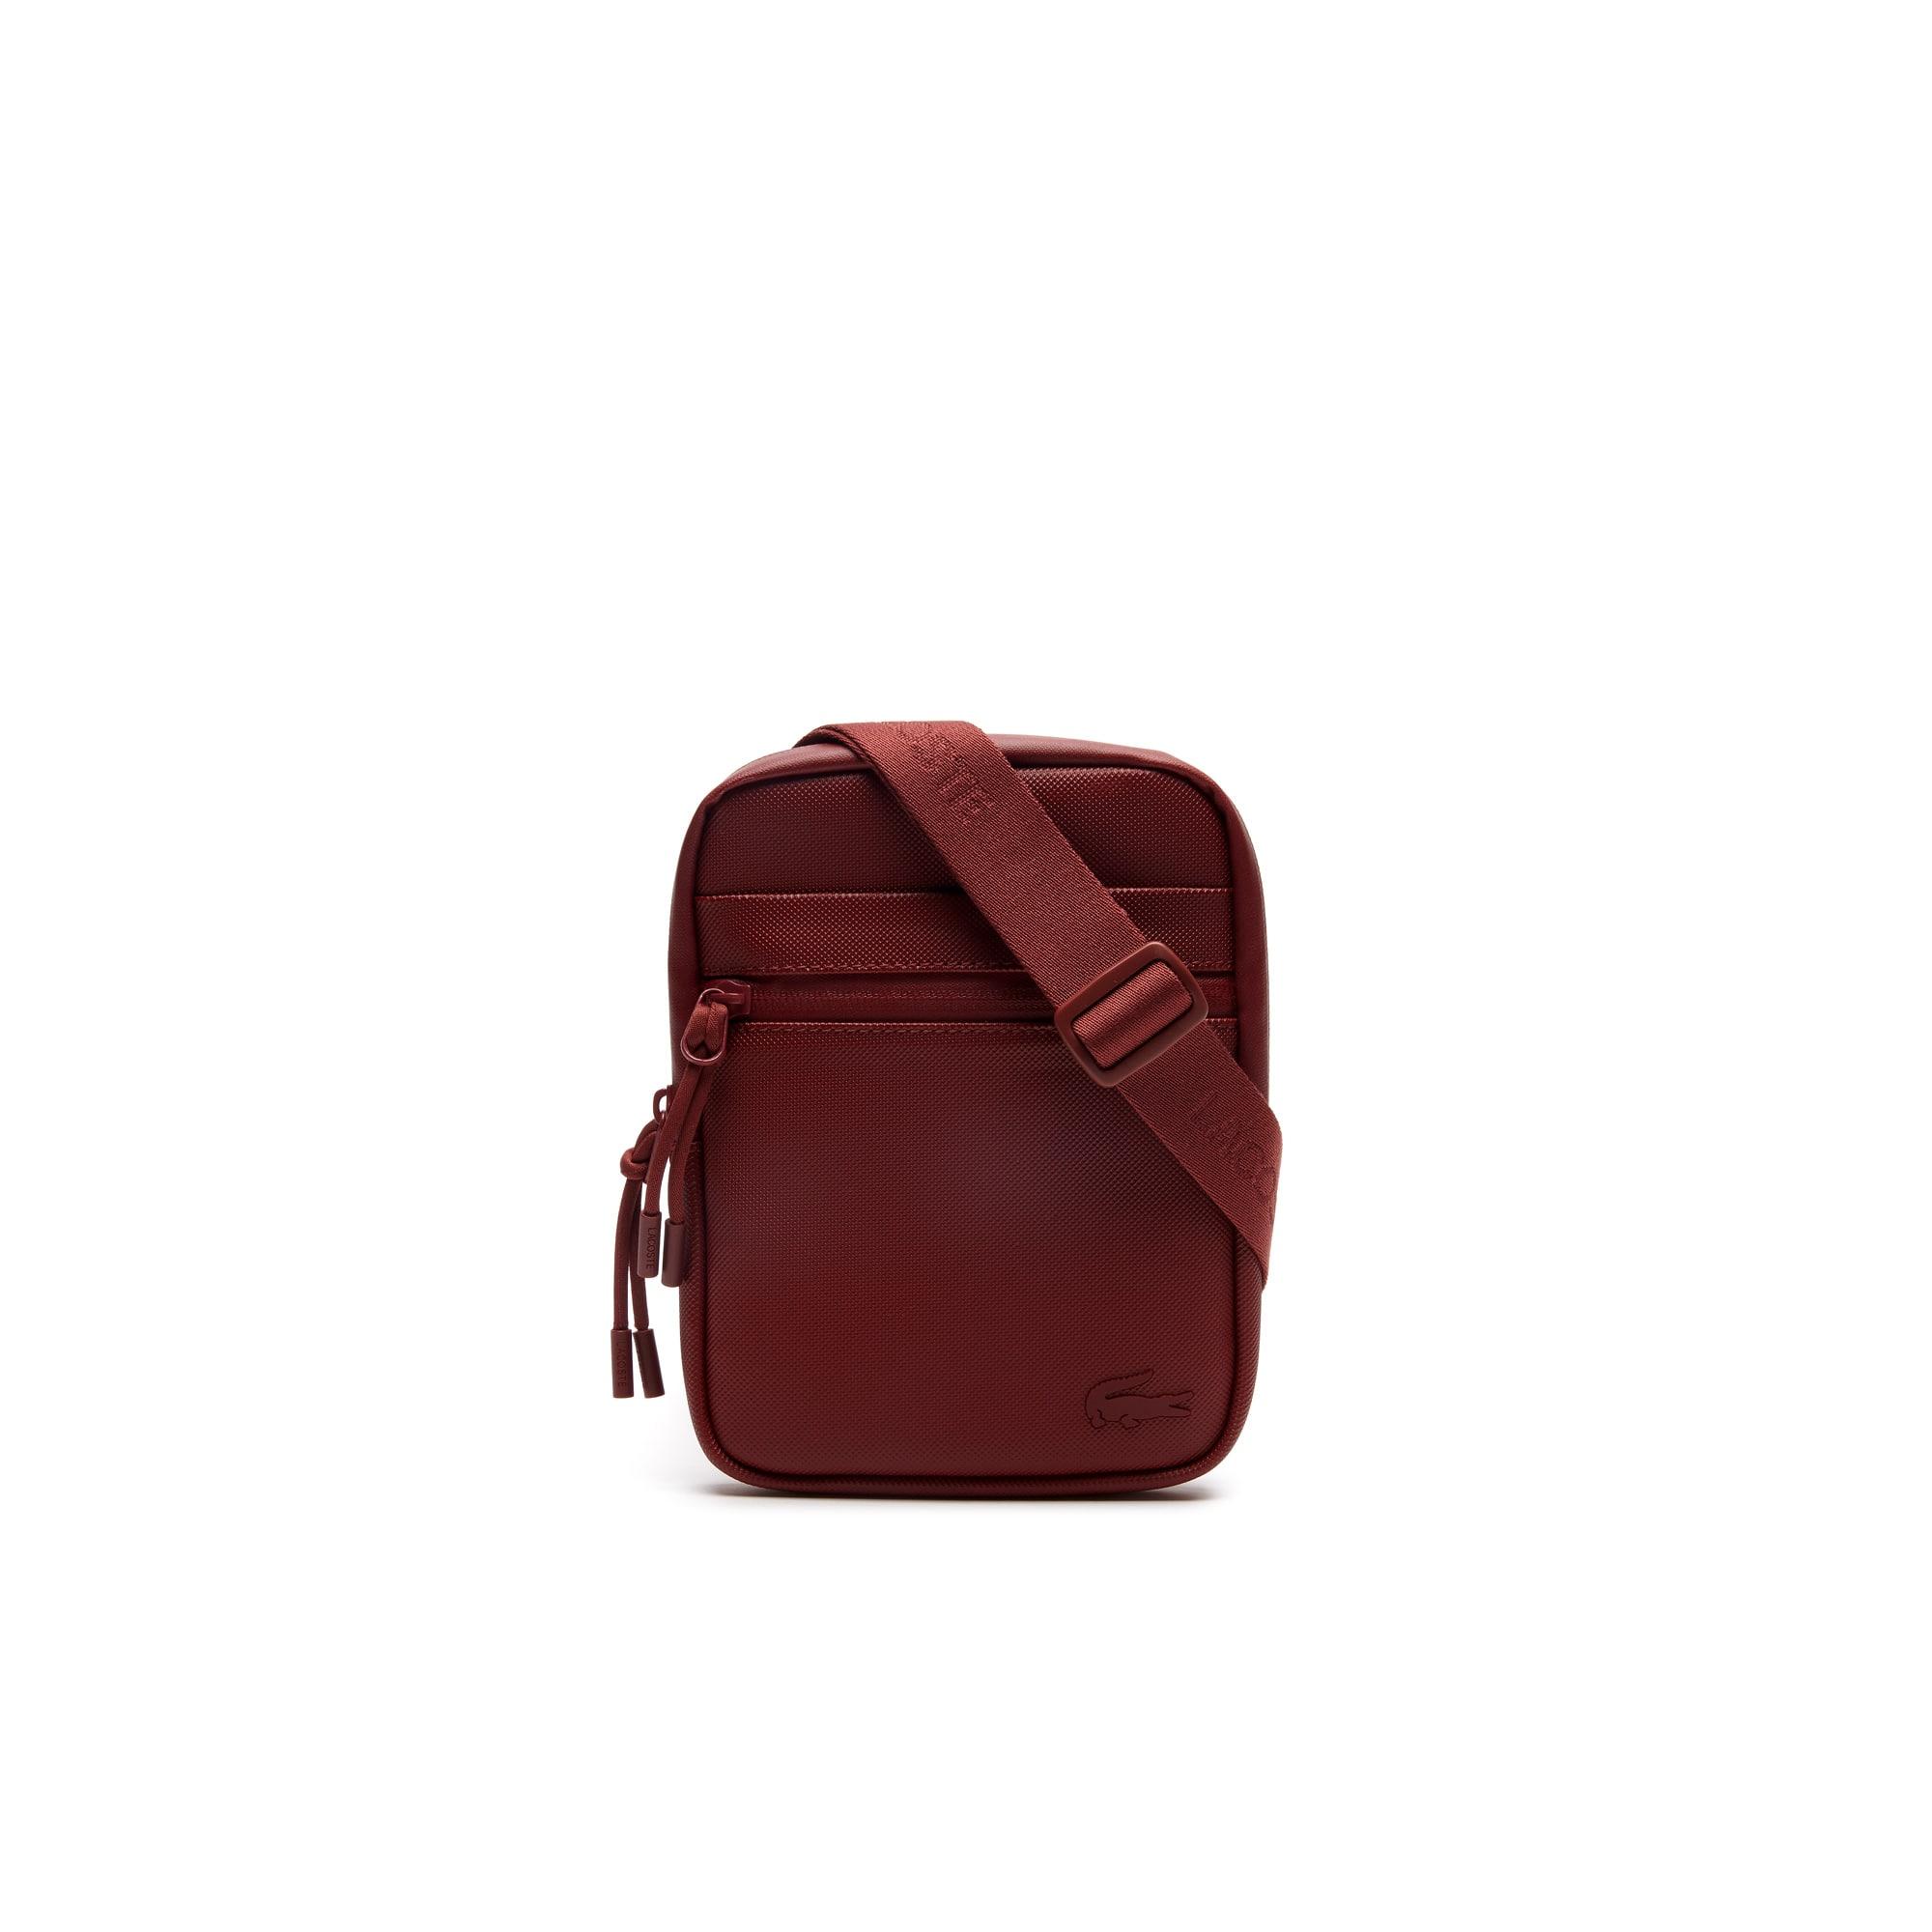 Men's L.12.12 Concept Petit Piqué Small Flat Zip Bag